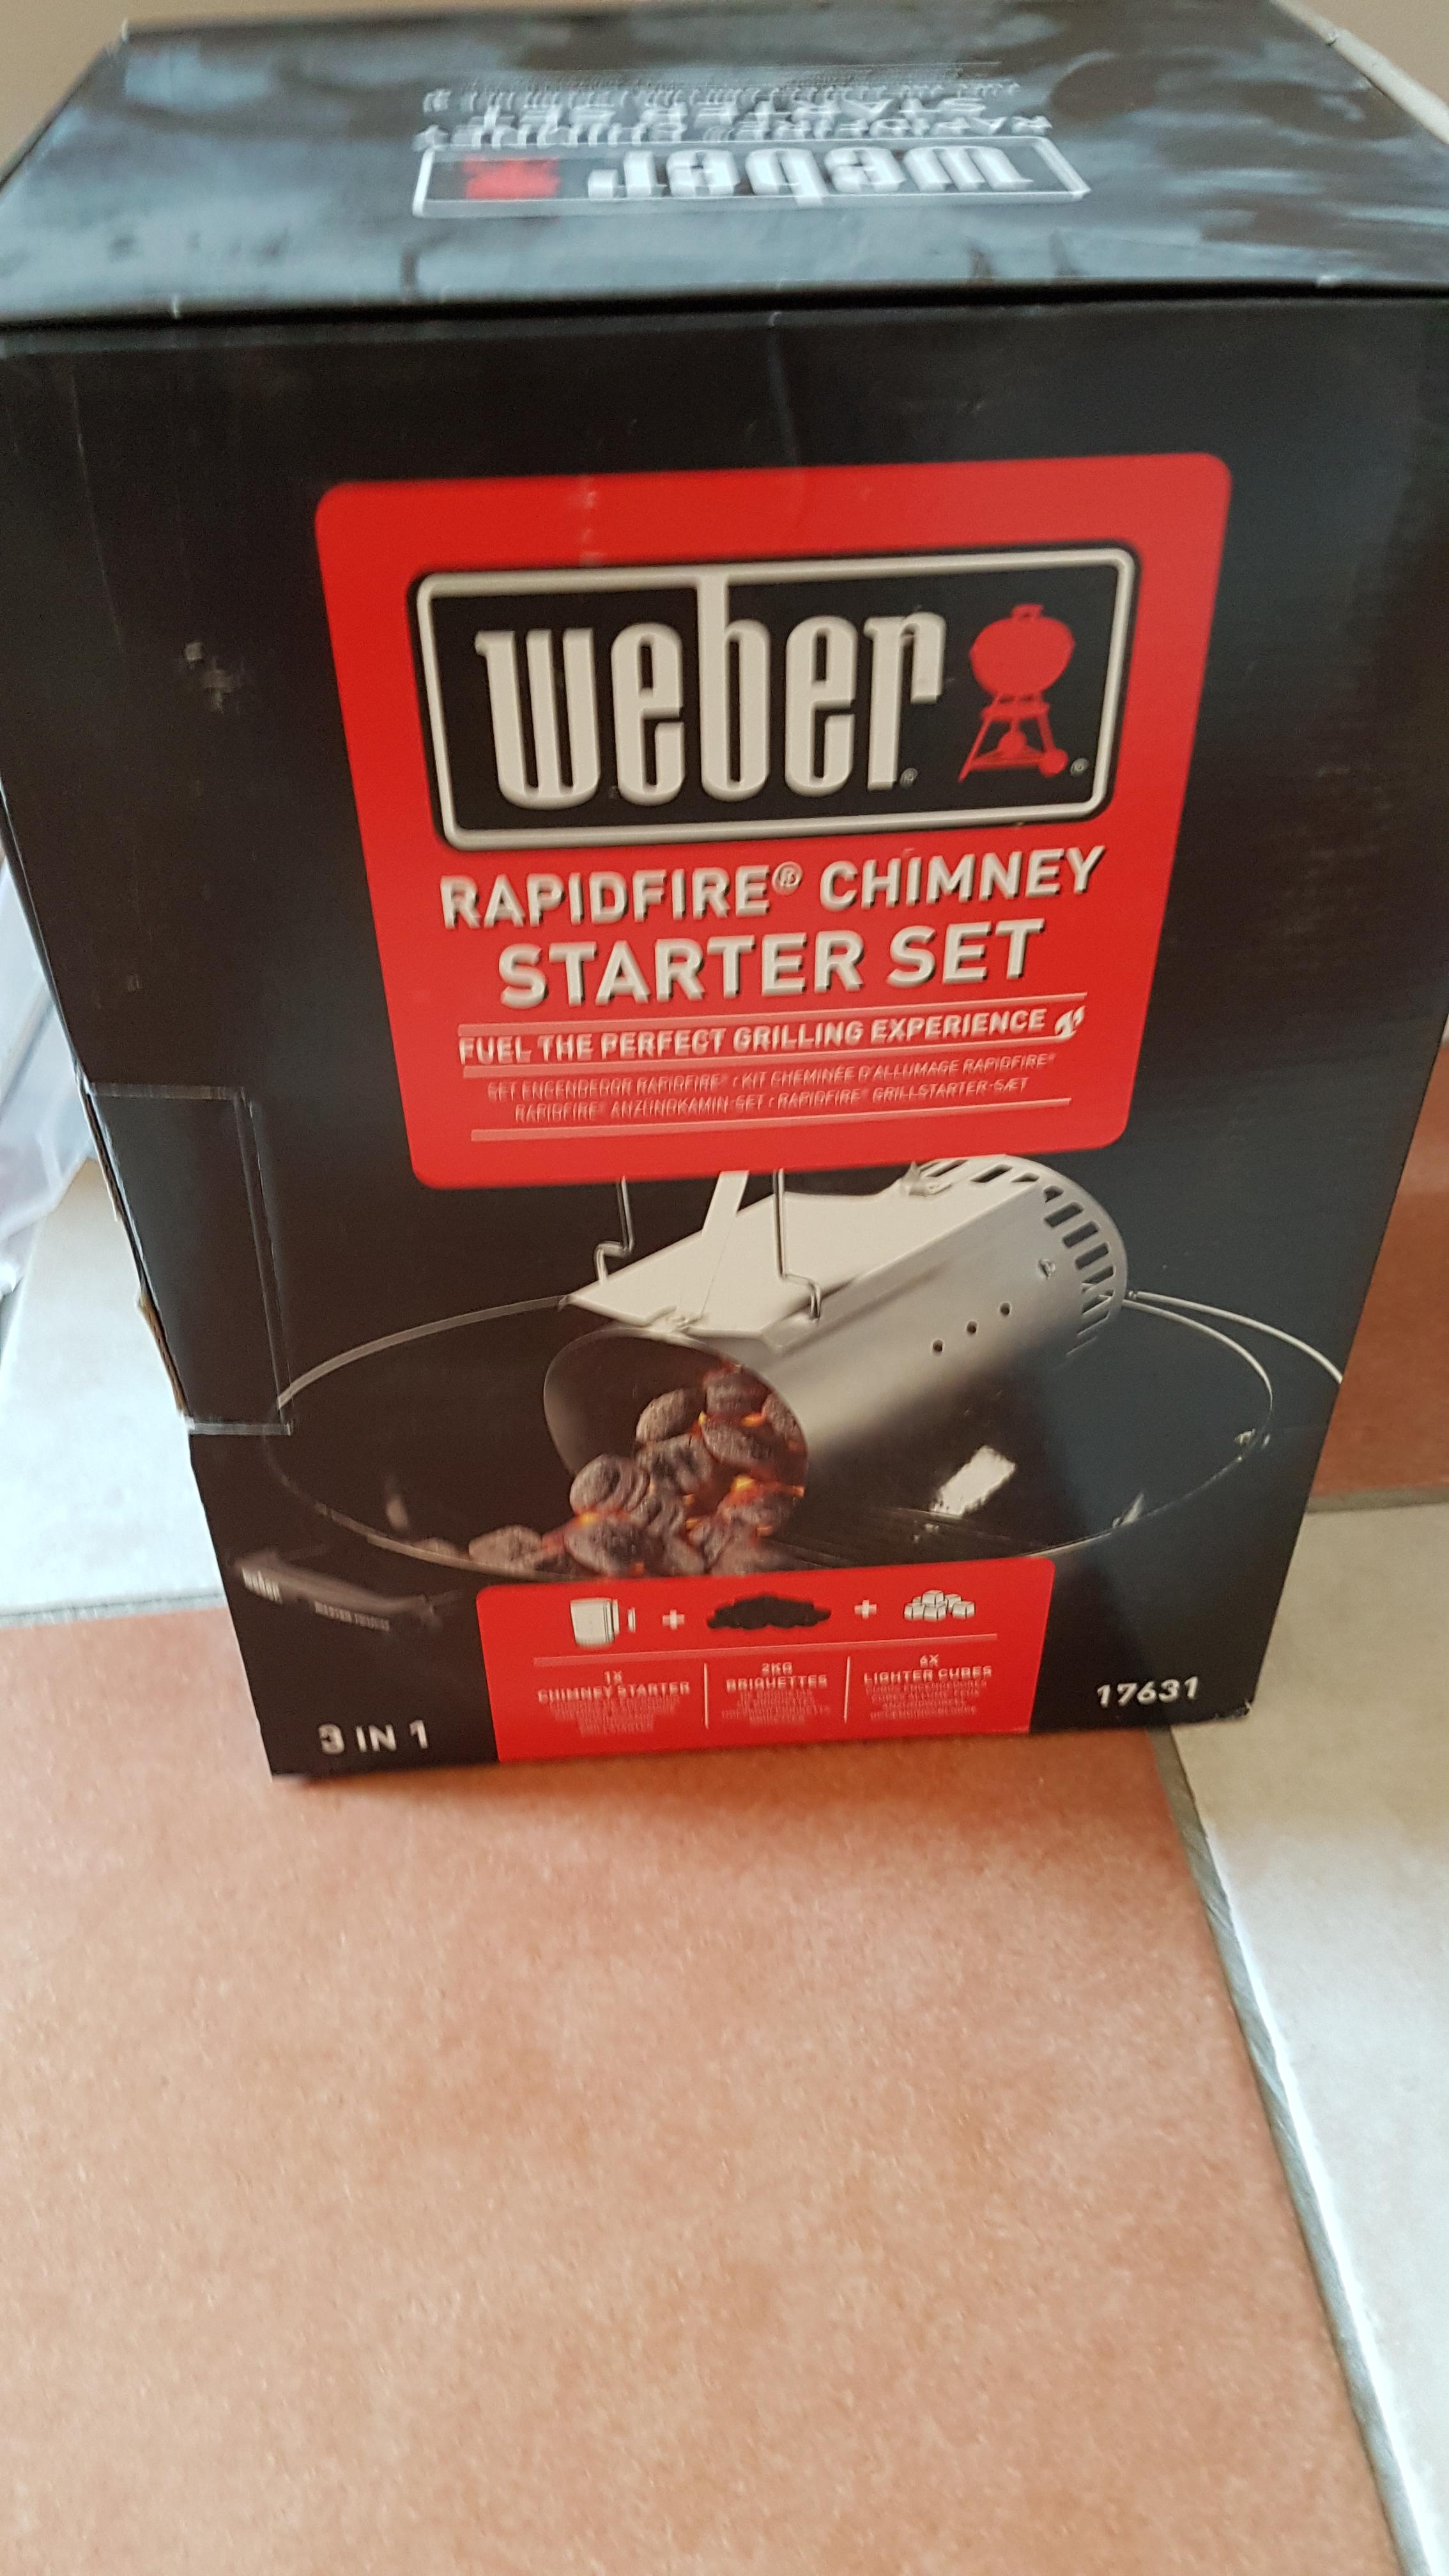 Weber rapidfire chimney starter set £7 @ B&Q